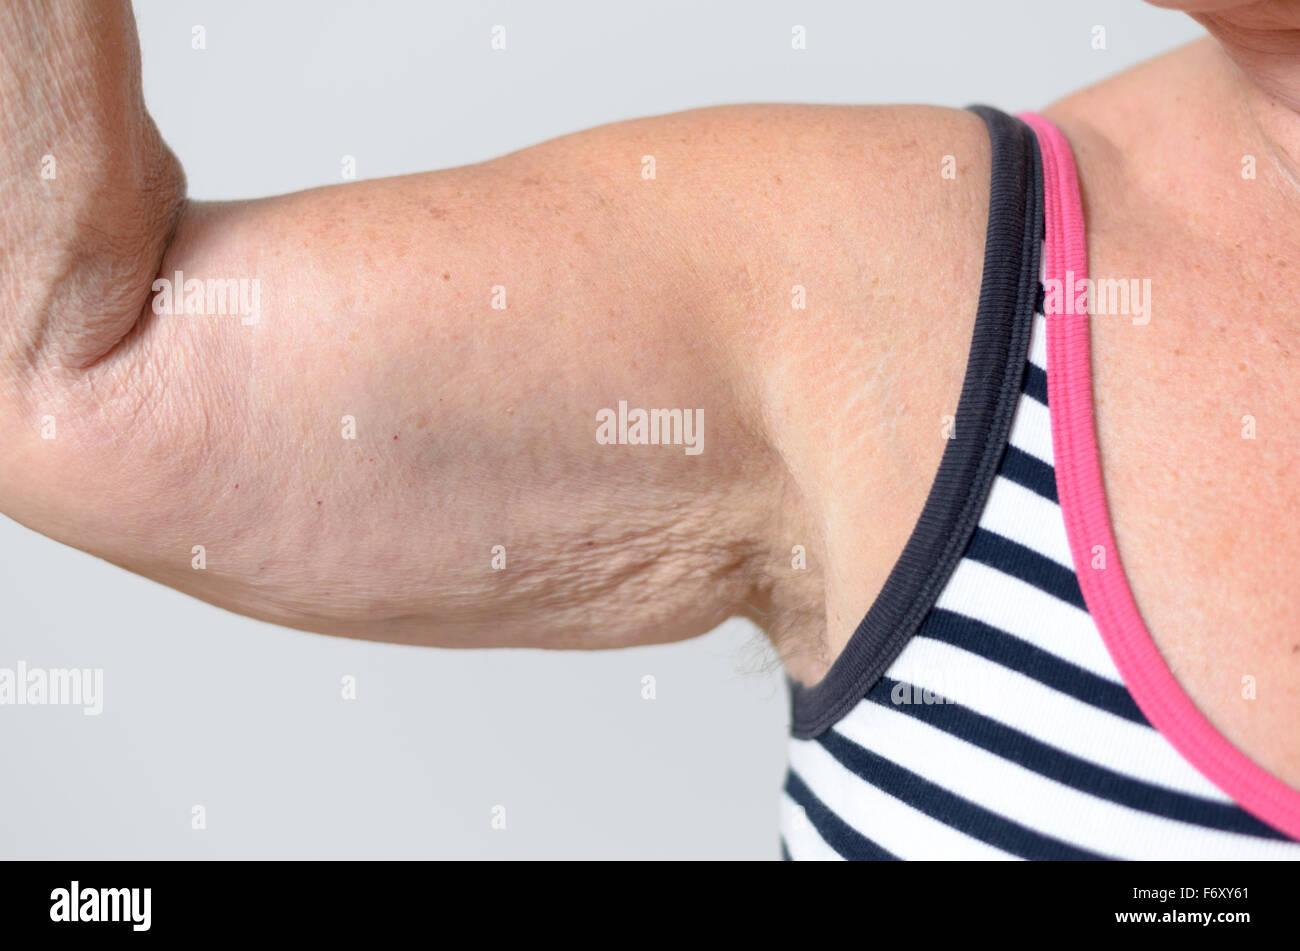 Armpit Casual Stock Photos Armpit Casual Stock Images Alamy